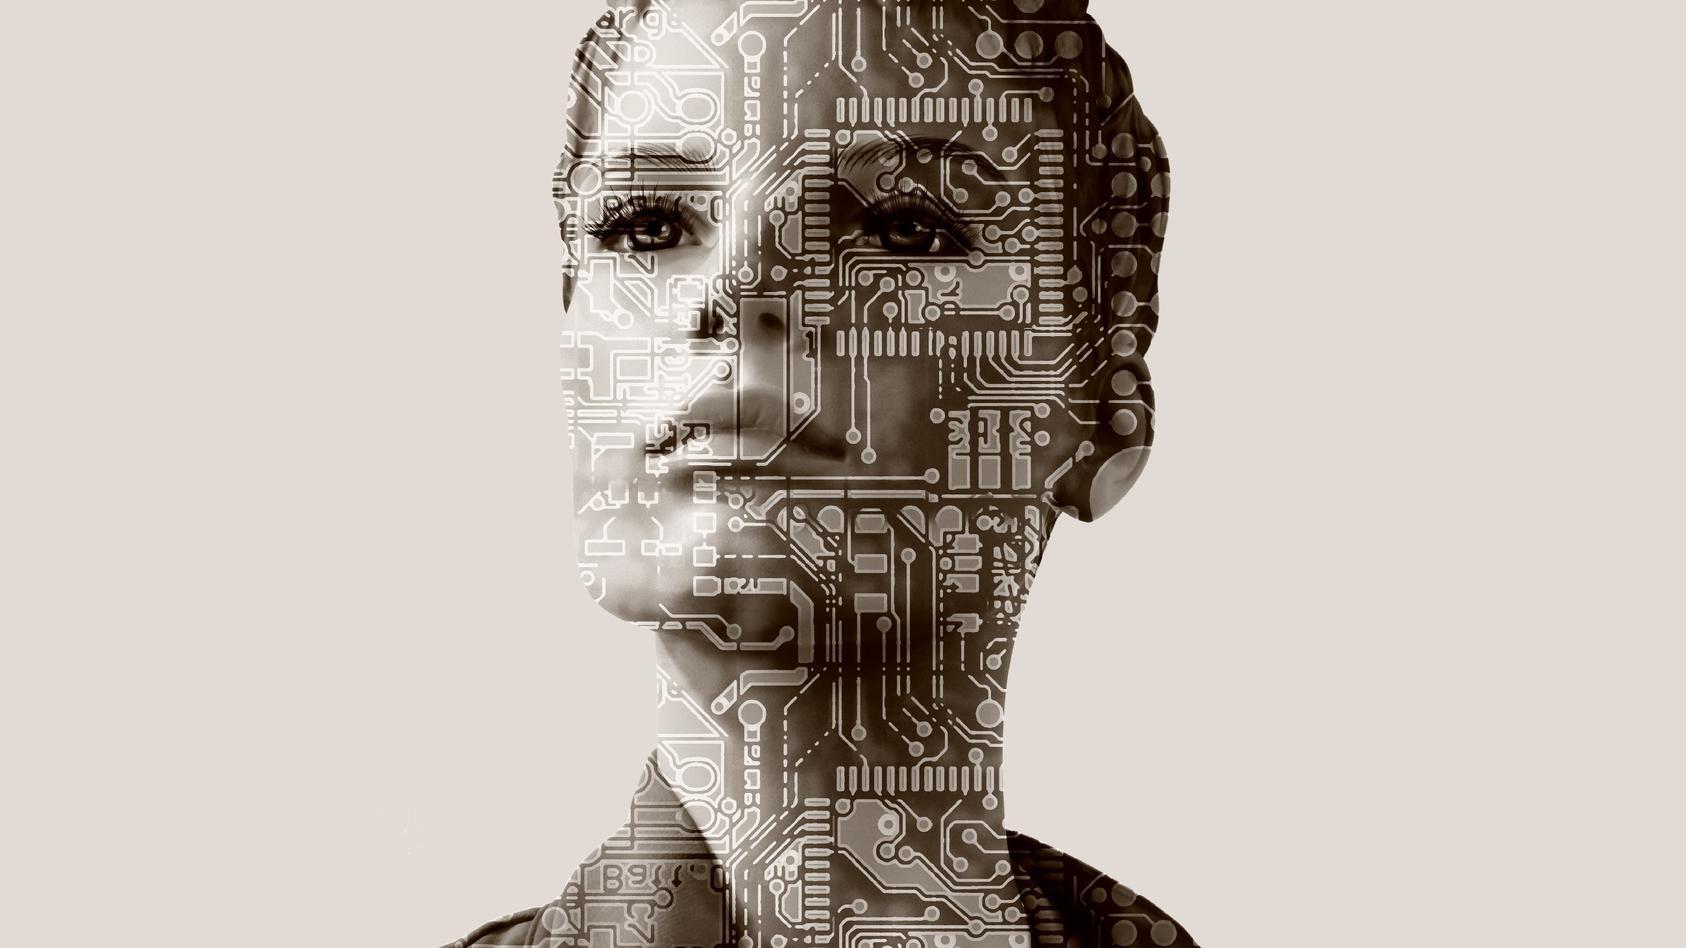 Das Bewusstsein sagt uns, wer wir sind. Gleichzeitig ist es erschreckend einfach zu manipulieren.